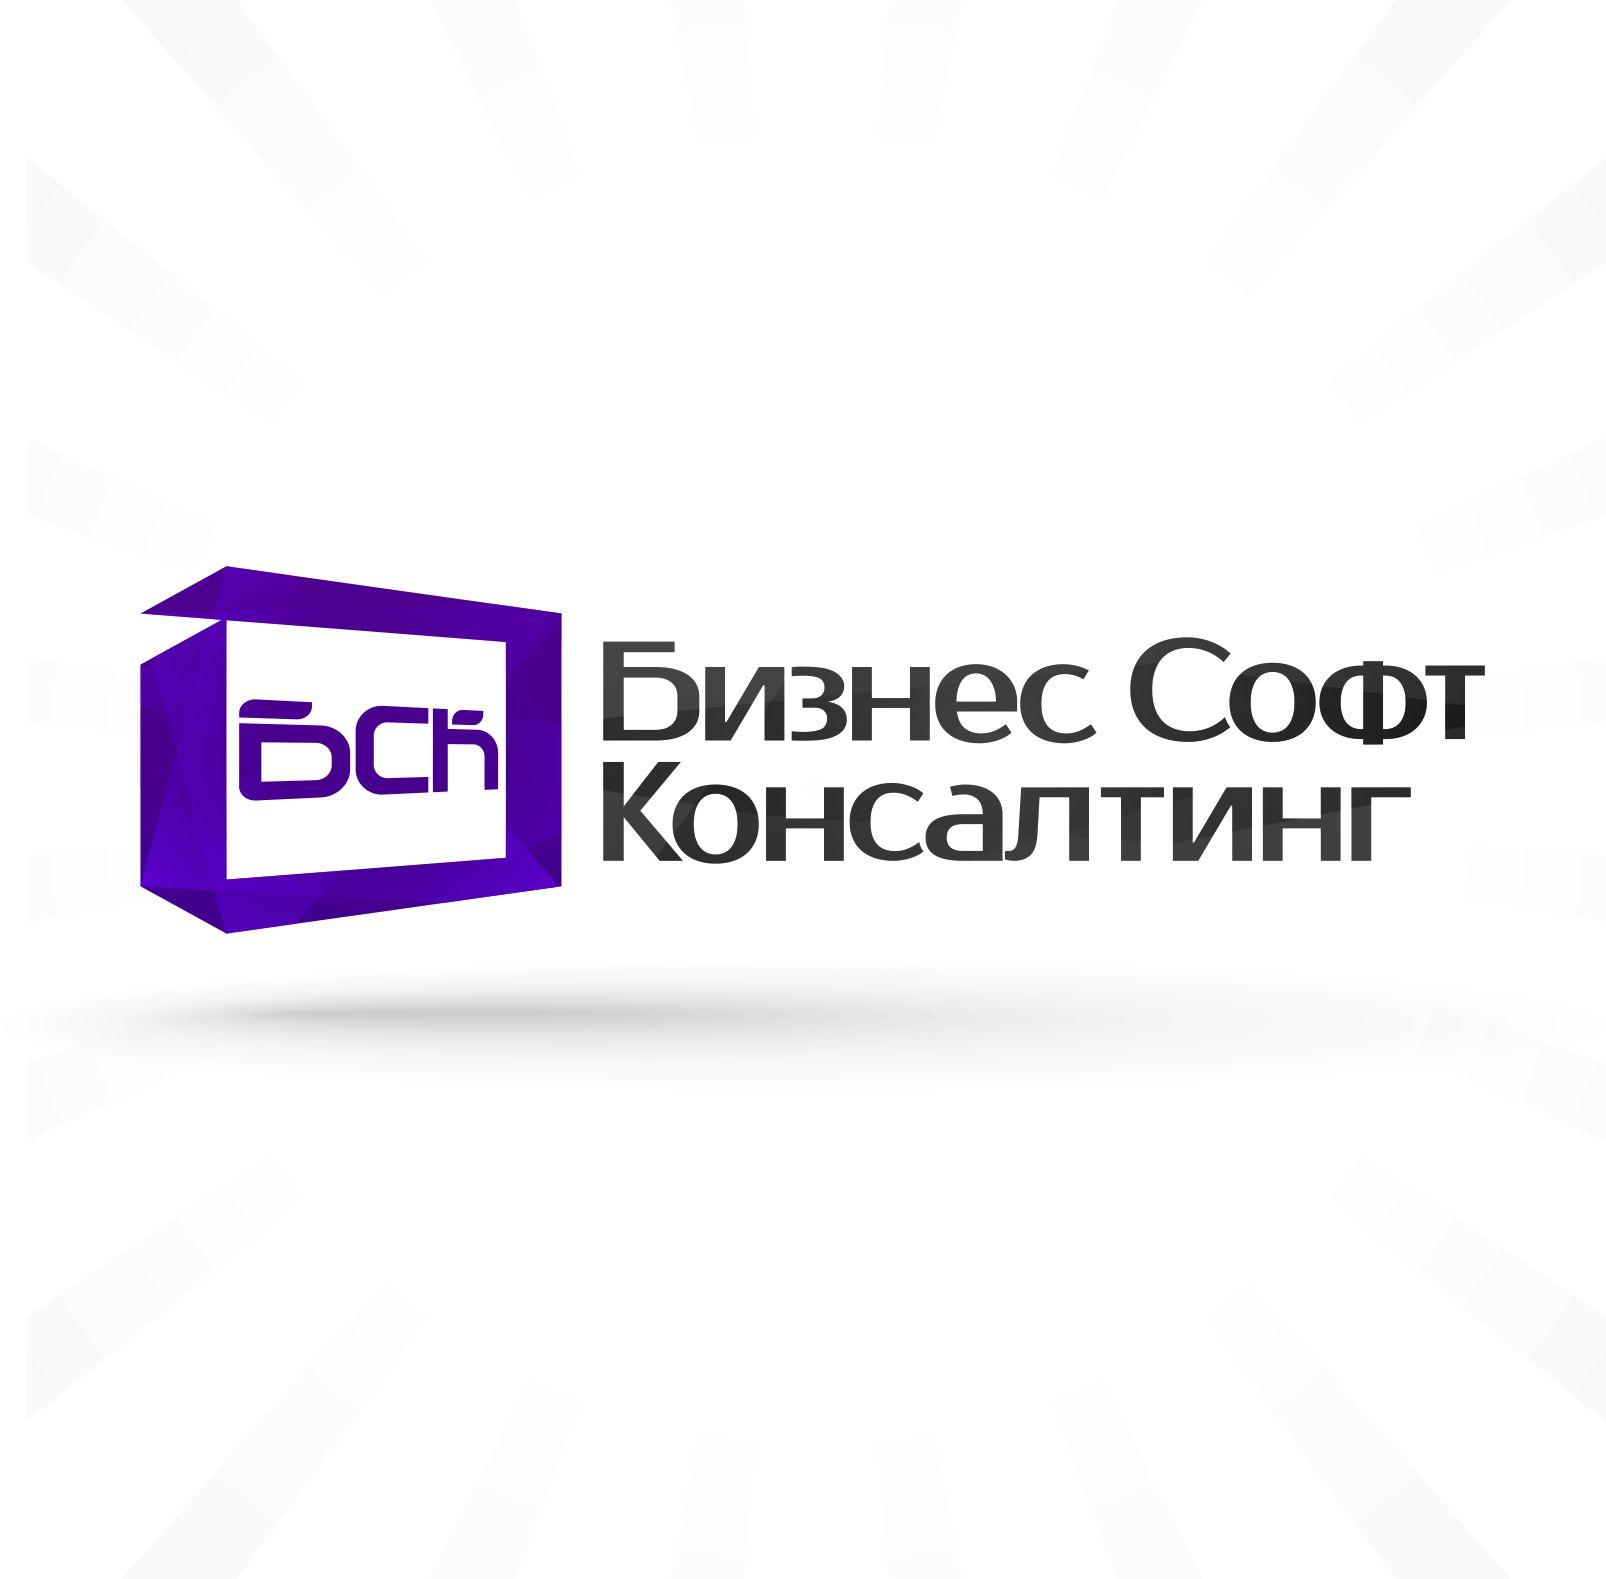 Разработать логотип со смыслом для компании-разработчика ПО фото f_5045be9b436ff.jpg